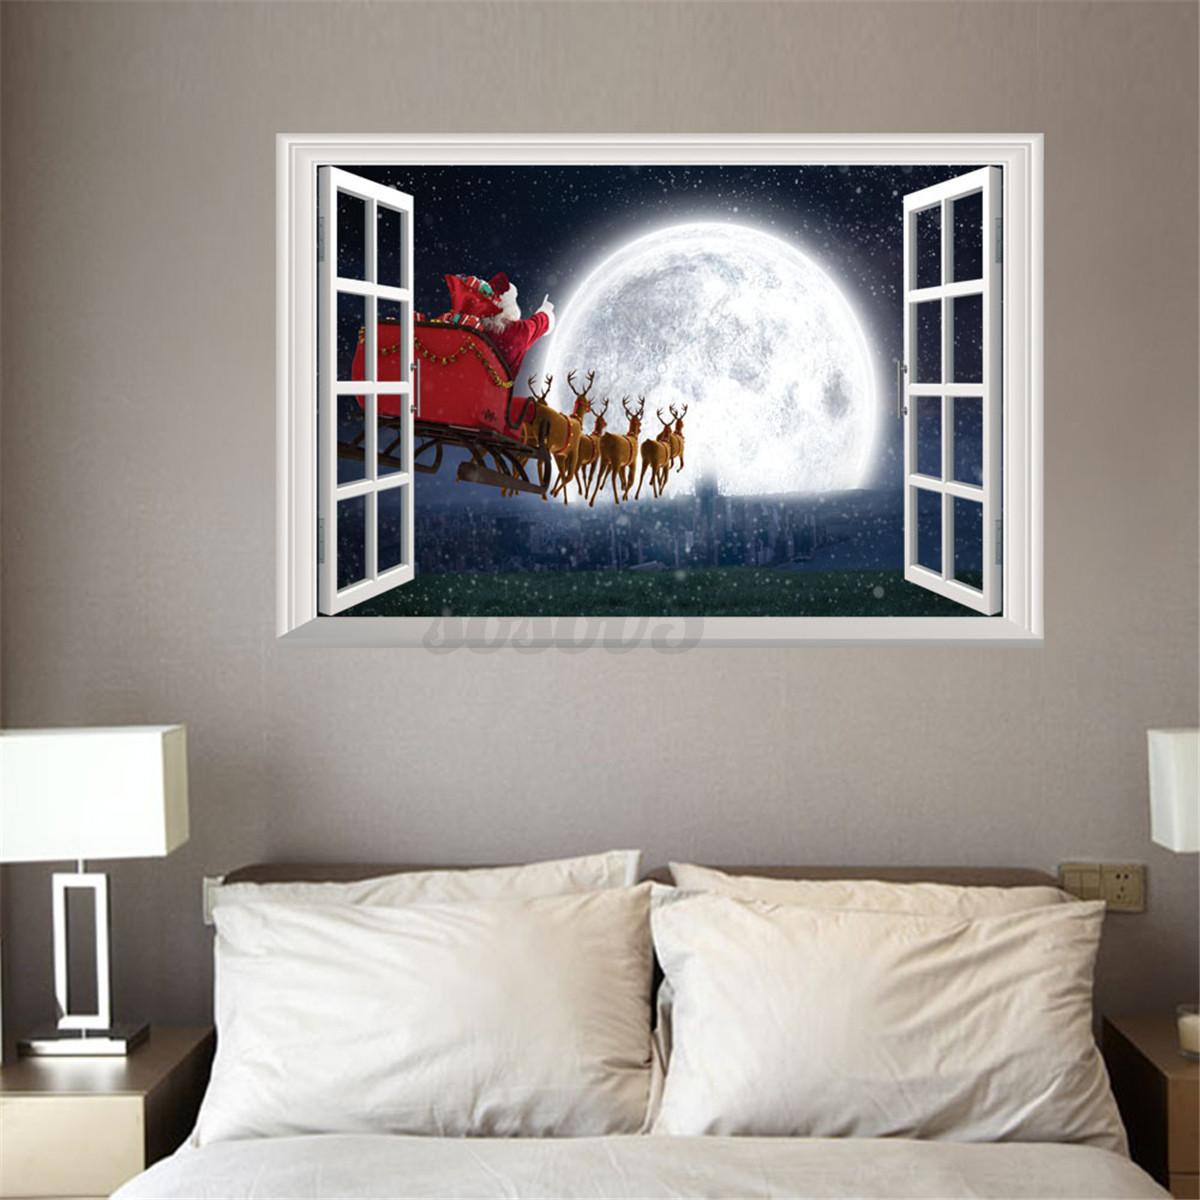 D Window View Wall Stickers Xmas Santa Claus Elk Deer Decals - Wall decals murals